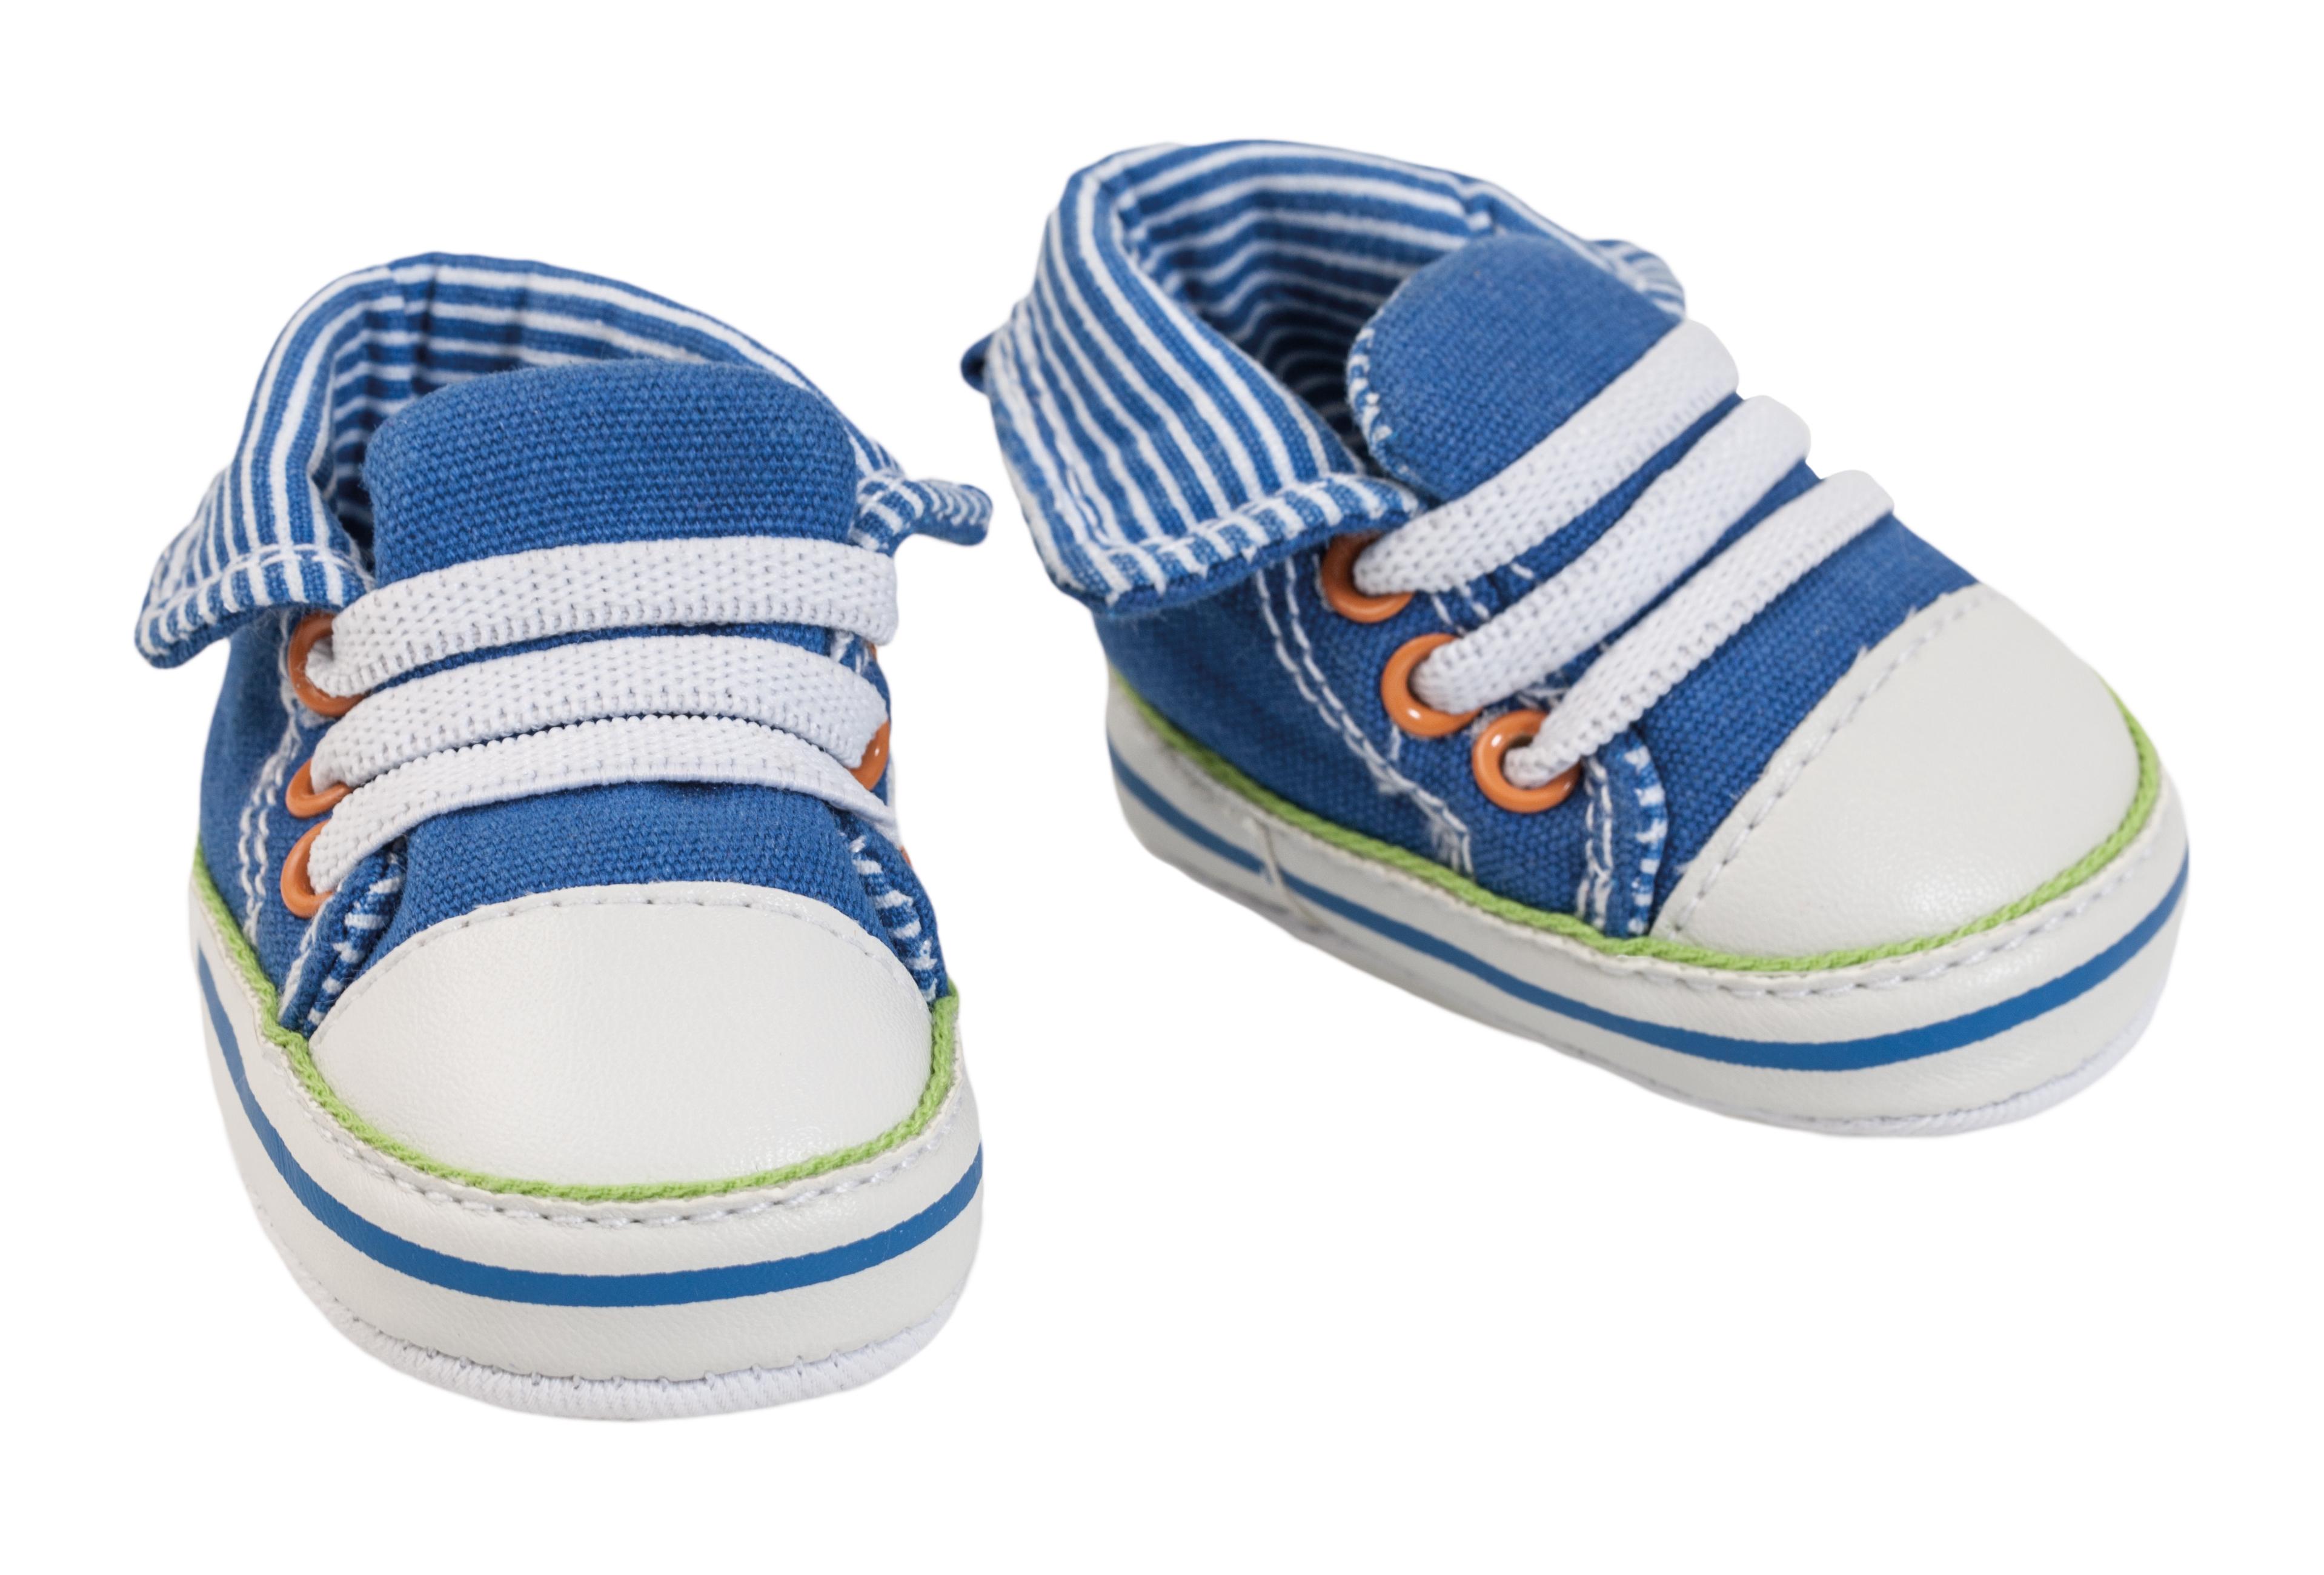 Sneakers, blau, Gr. 38-45 cm